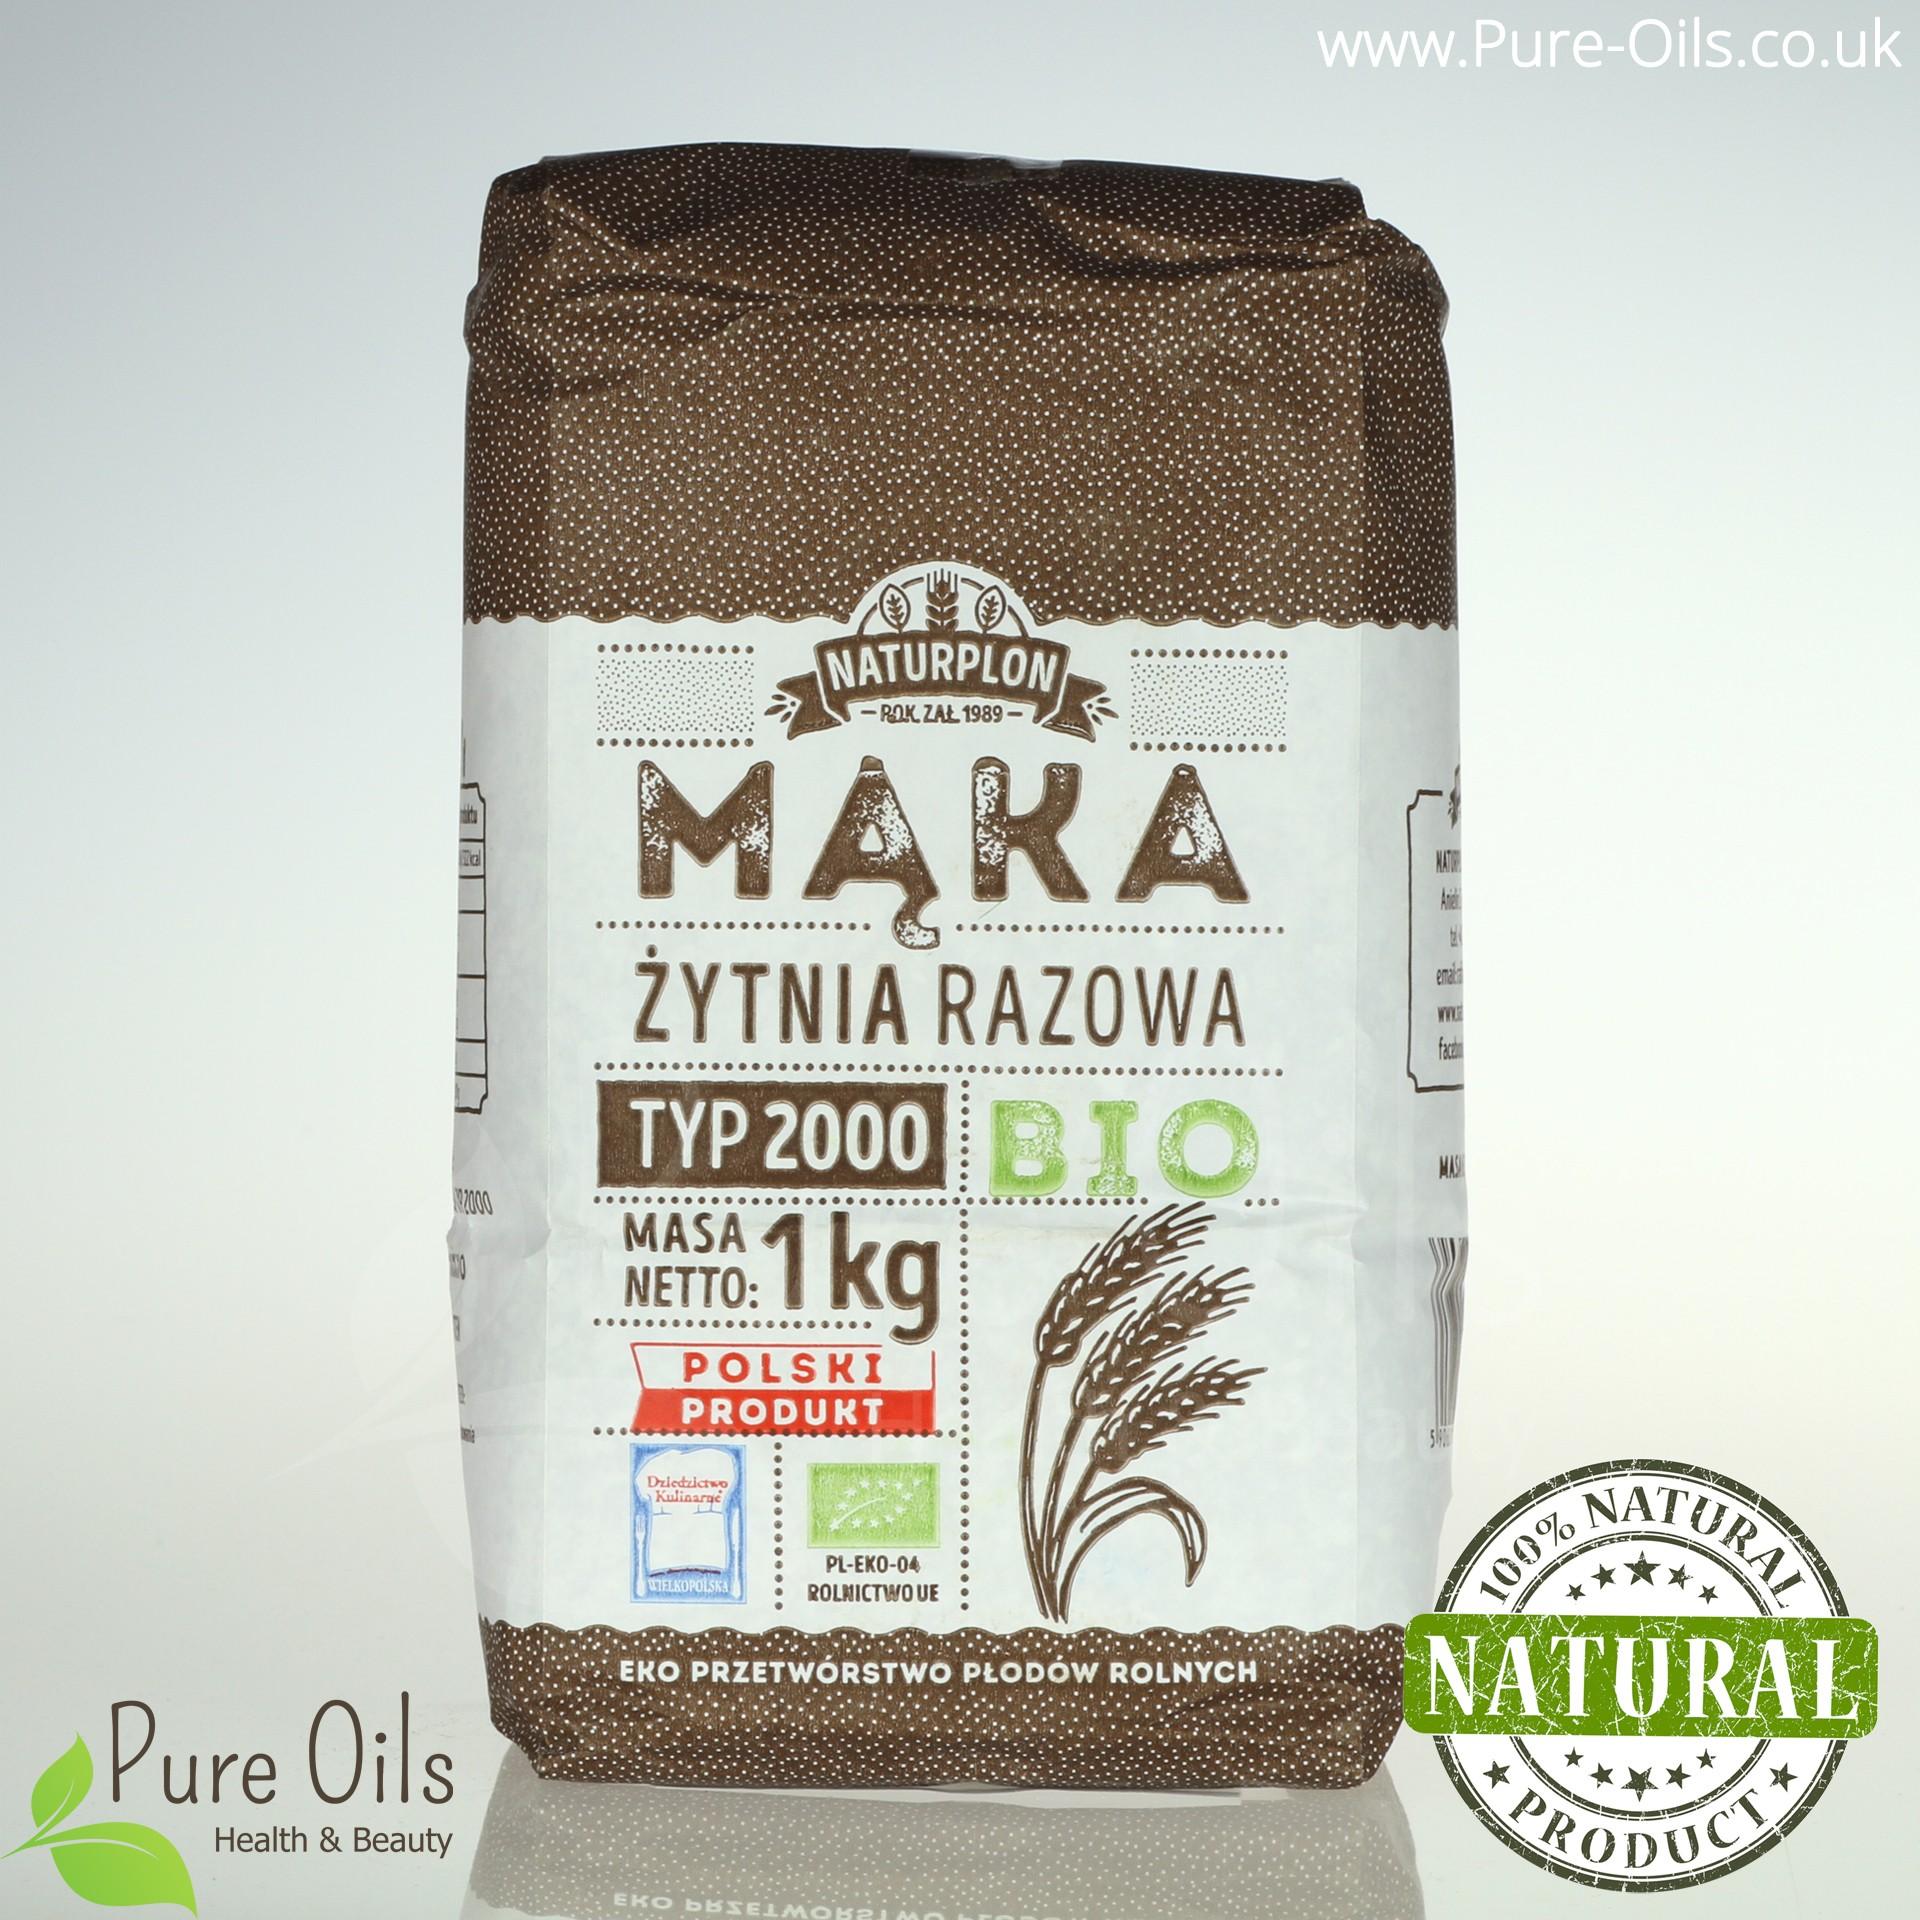 Mąka Żytnia Razowa, Typ 2000 - Bio, Naturplon